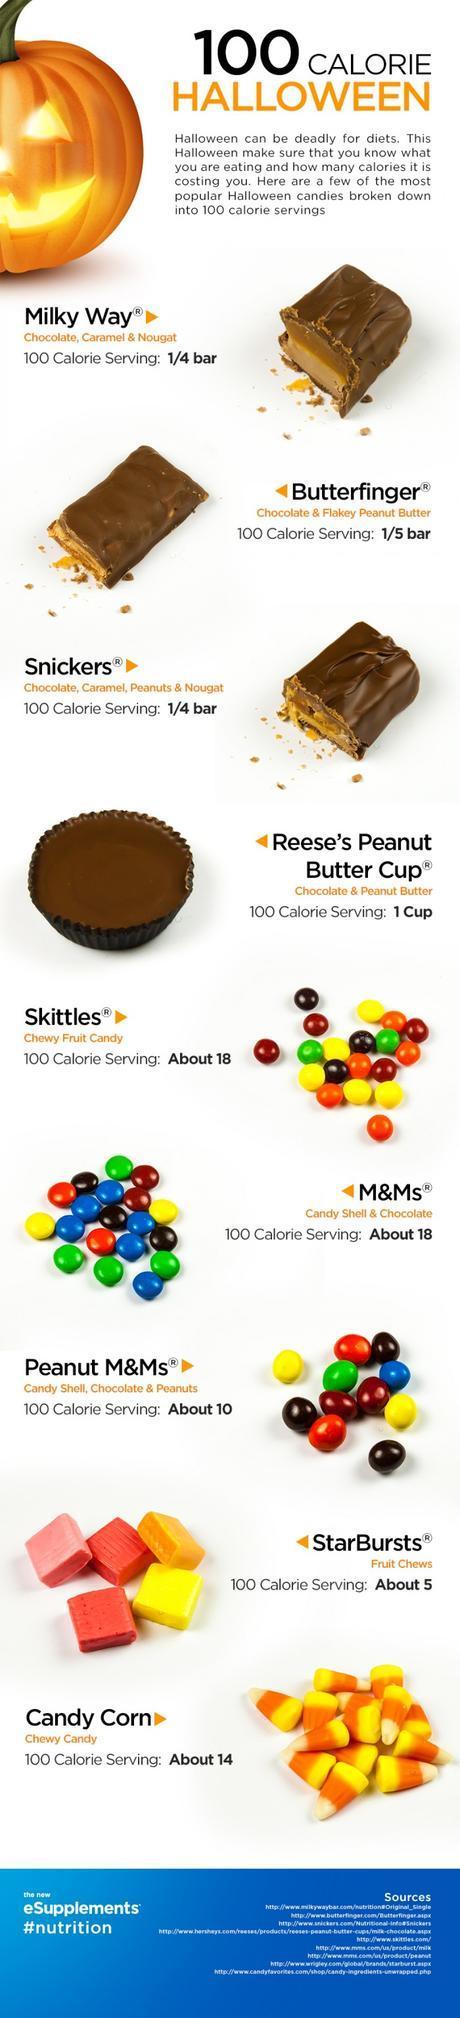 100 Calorie Halloween